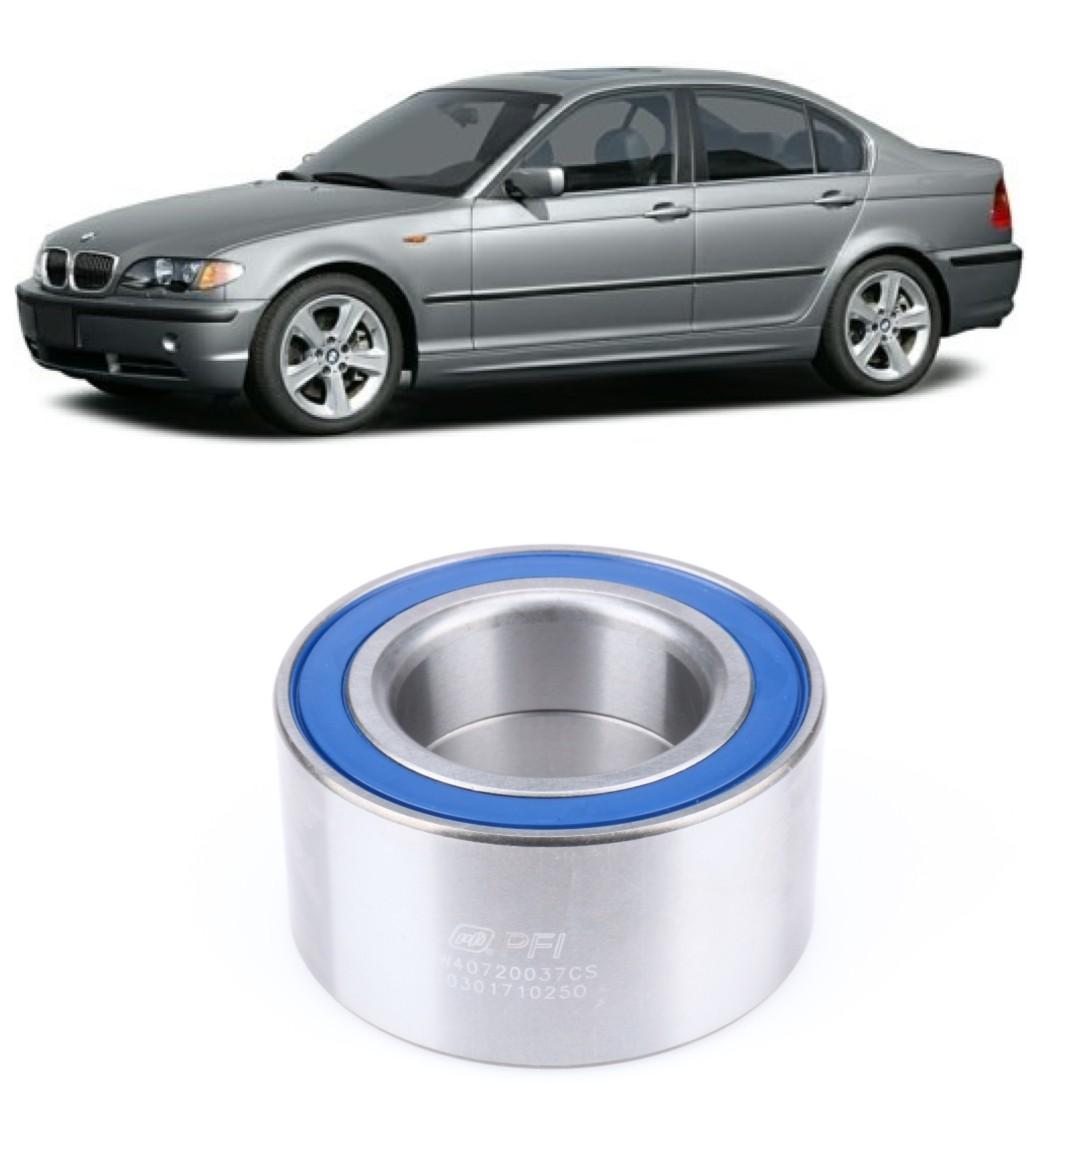 Rolamento de Roda Traseira BMW 323i 1998 até 2000